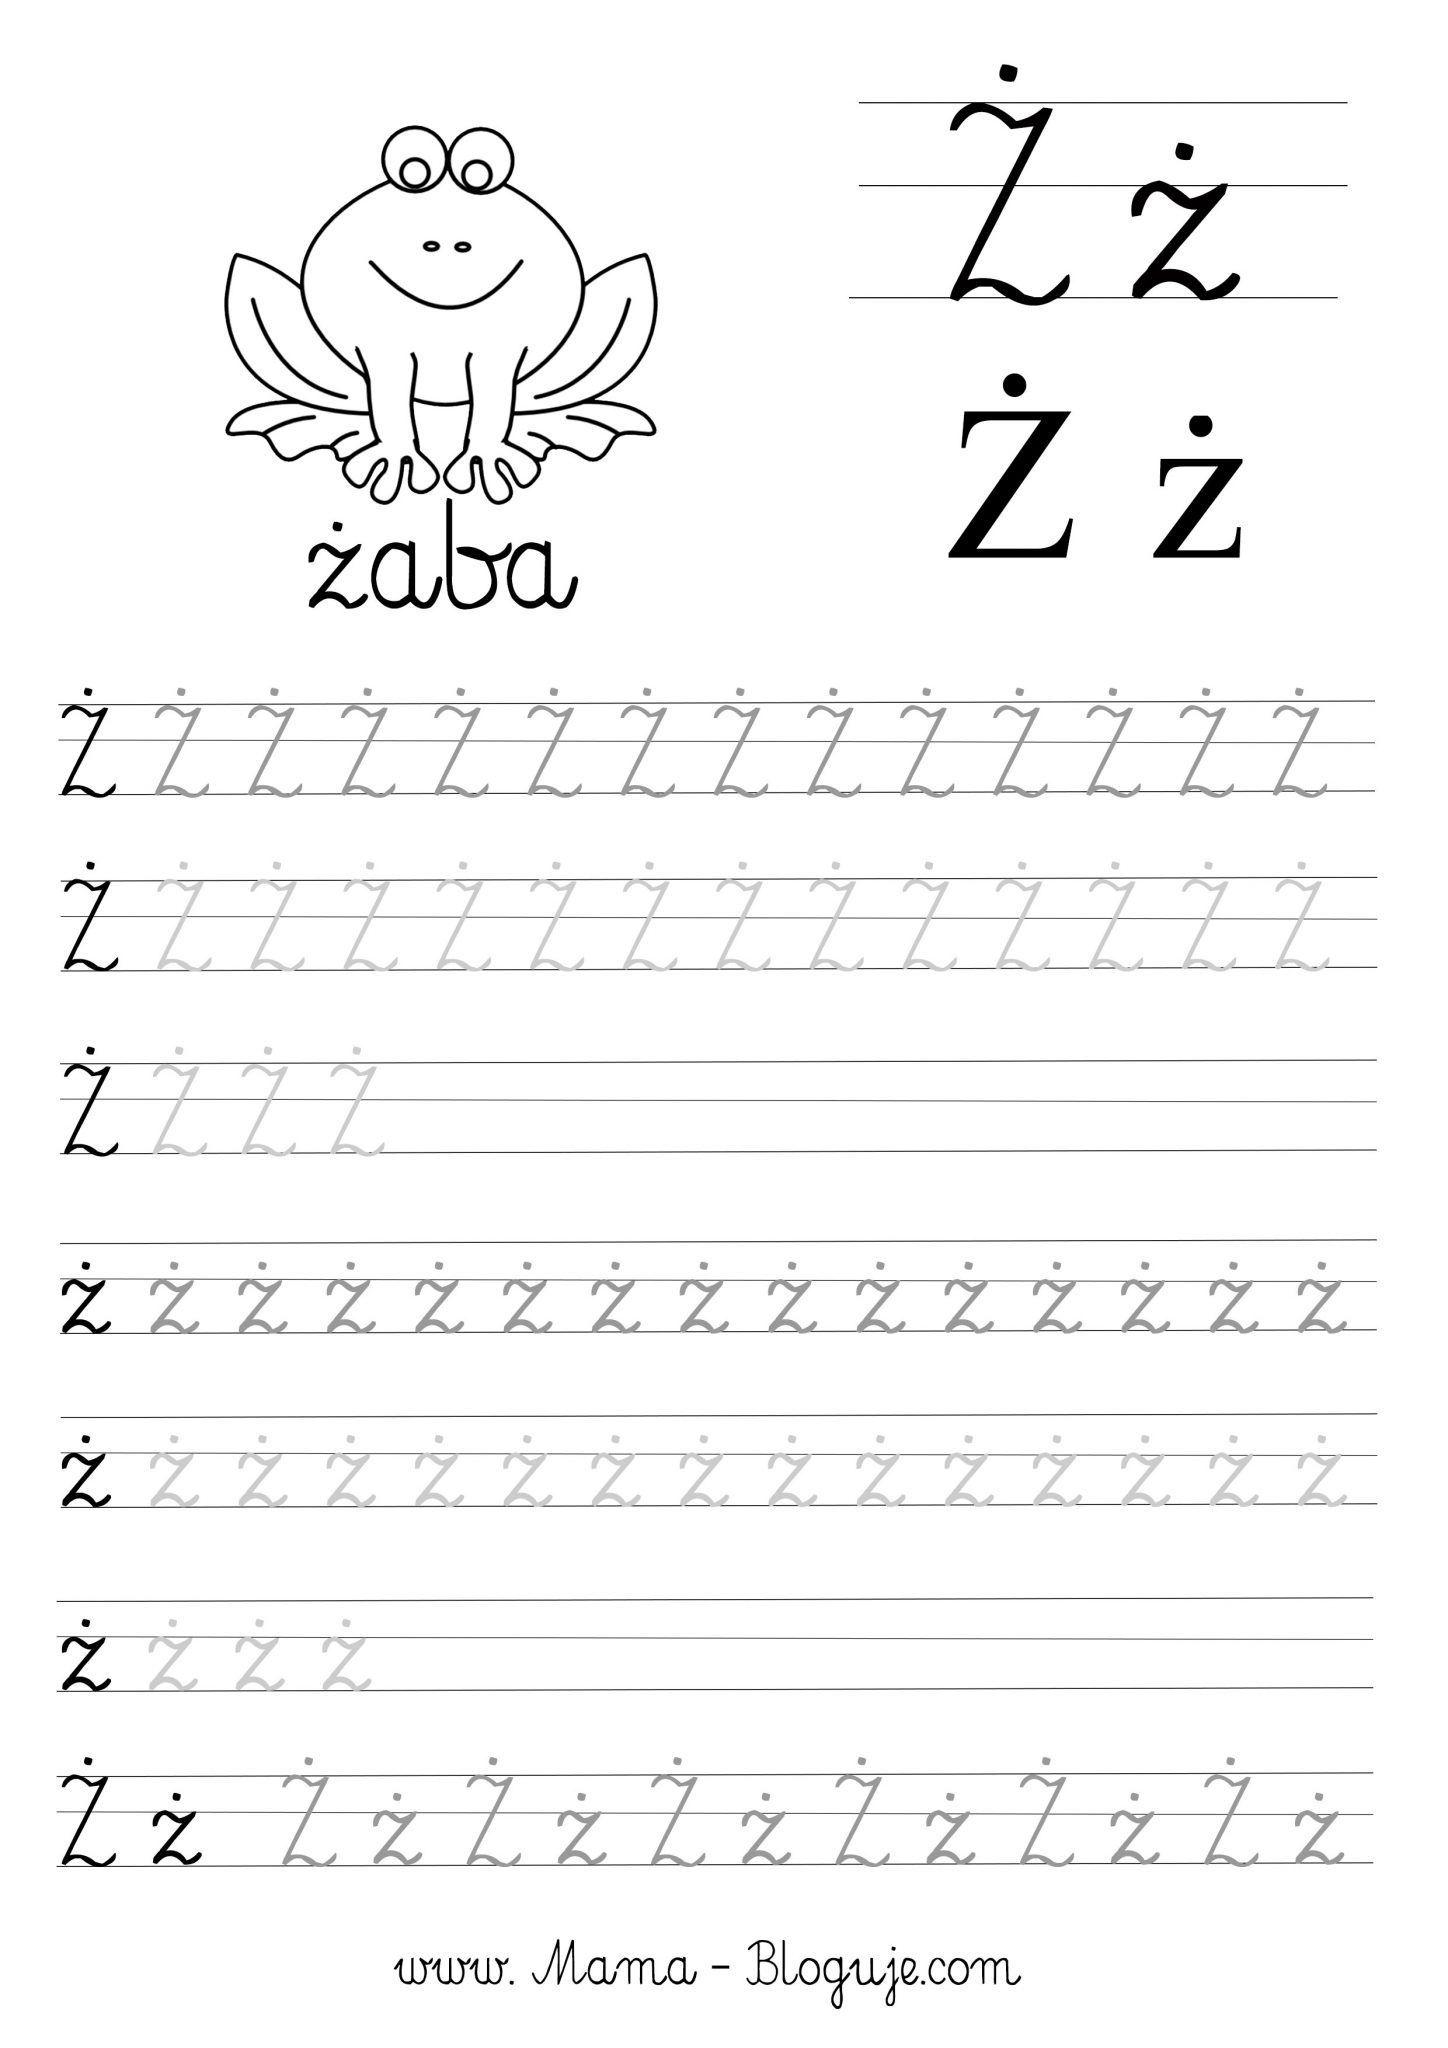 Szablony Do Nauki Pisania Polskie Literki Litera Z Jezyk Polski Polskie Literki Szablony Do Nauki Pisania Handwritten Letters Lettering Letters